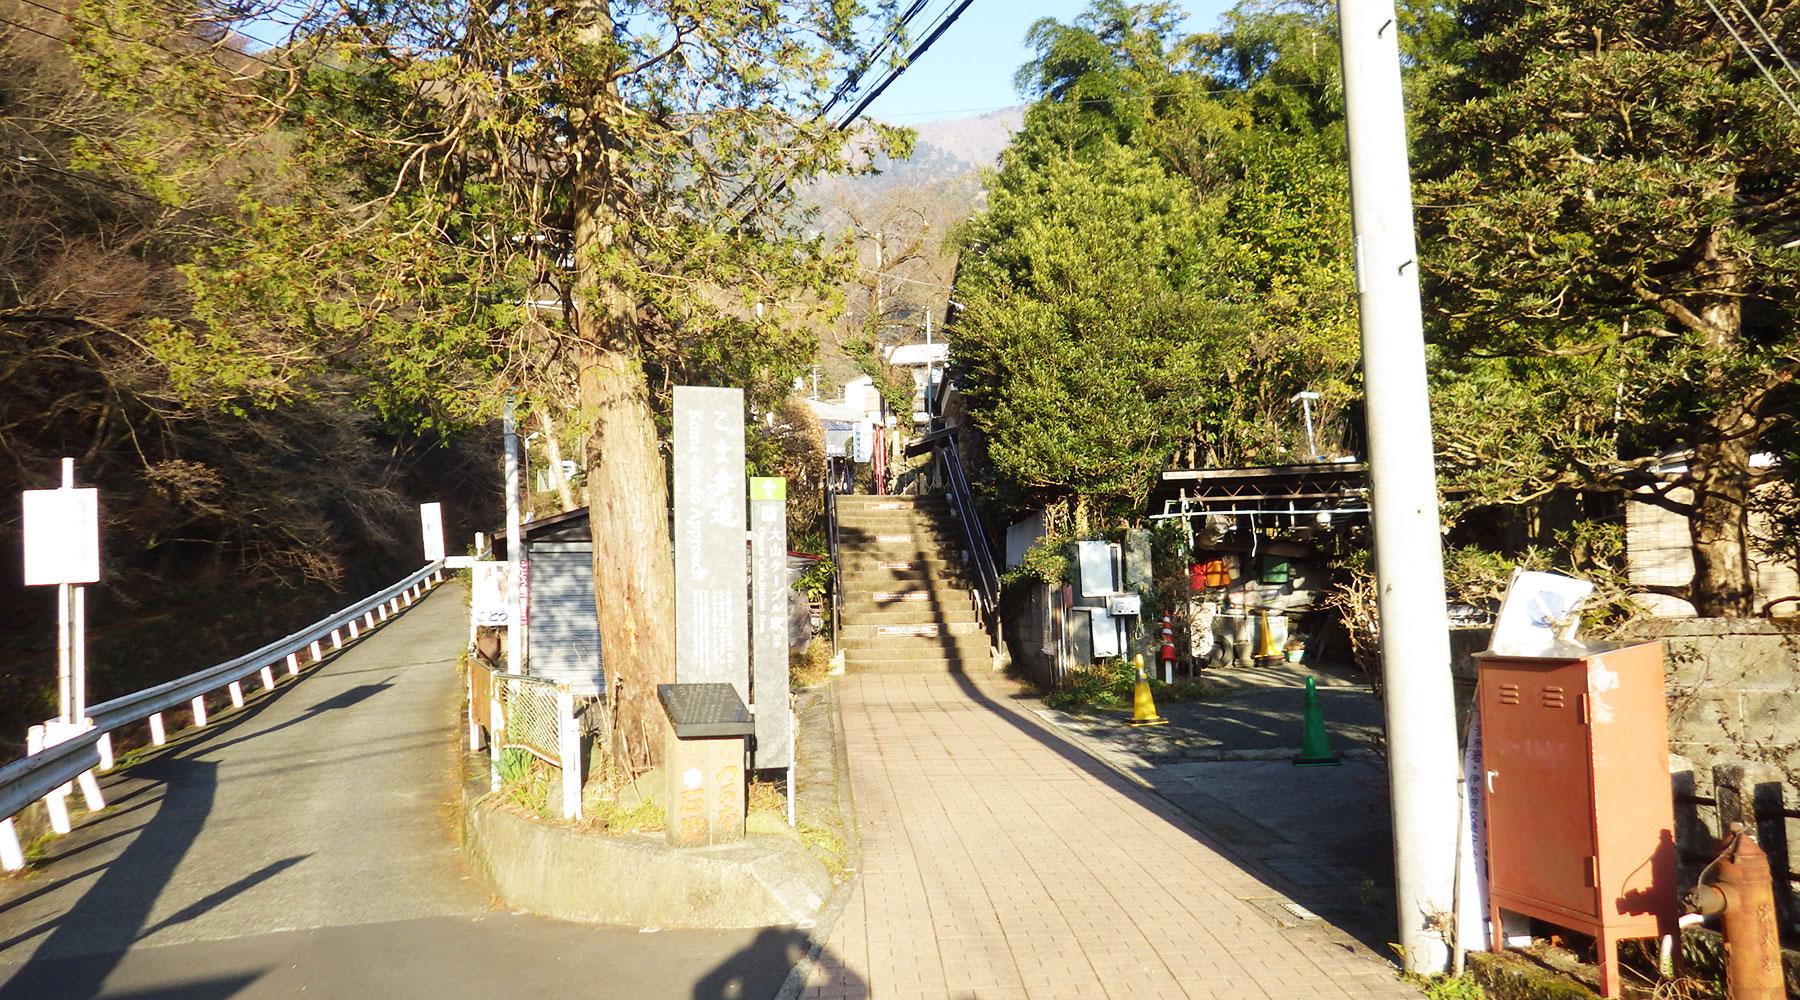 大山ケーブルカー山麓駅への道